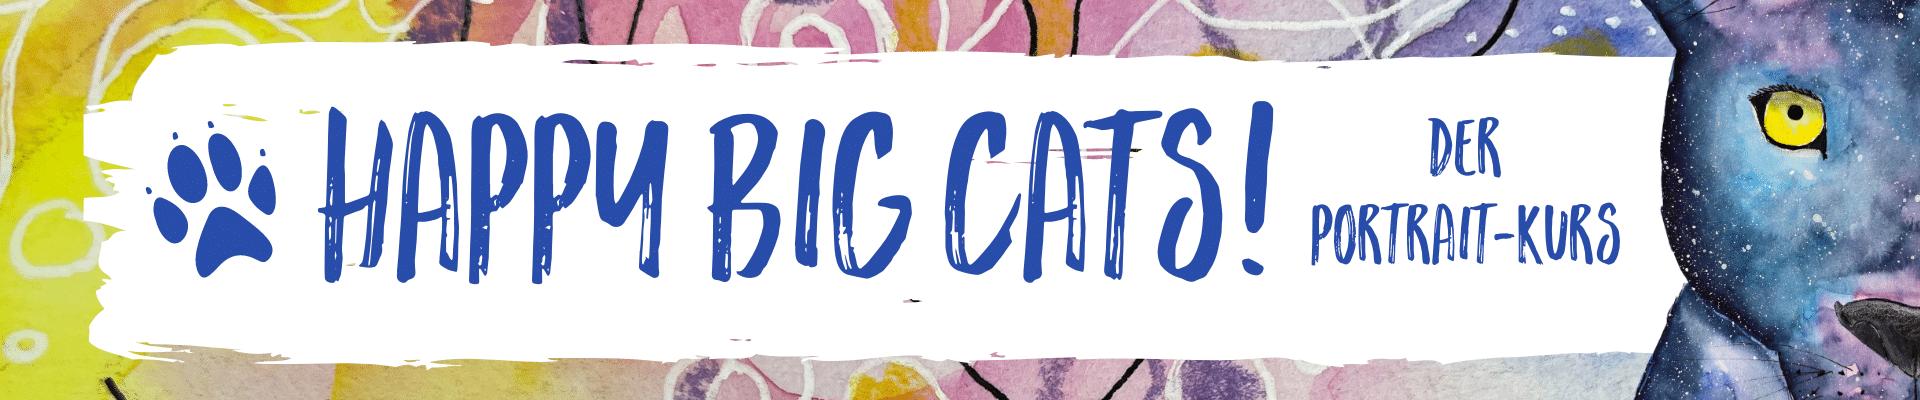 Happy Big Cats - der Portrait-Kurs